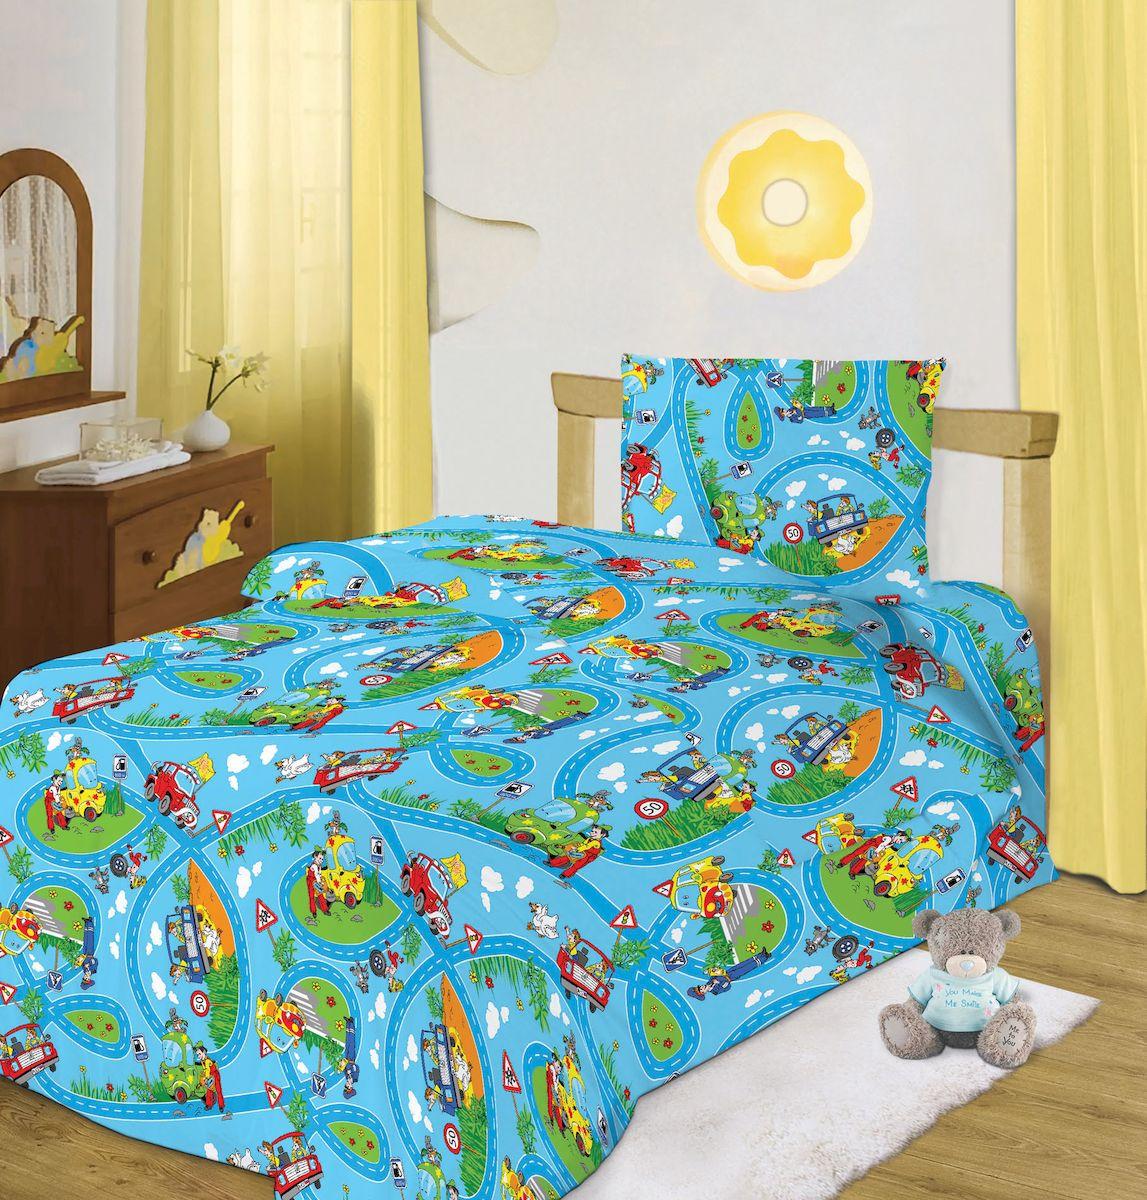 Кошки-мышки Комплект постельного белья для новорожденных Светофор10тр-MR-днКомплект постельного белья для новорожденных Кошки-мышки Светофор, состоящий изнаволочки, простыни и пододеяльника, выполнен из бязи. Бязь - это натуральный материал, который не раздражает даже самую нежную и чувствительнуюкожу малыша, не вызывает аллергии и хорошо вентилируется. Такой комплект идеально подойдет для кроватки вашего малыша. На нем ребенок будет спатьздоровым и крепким сном.